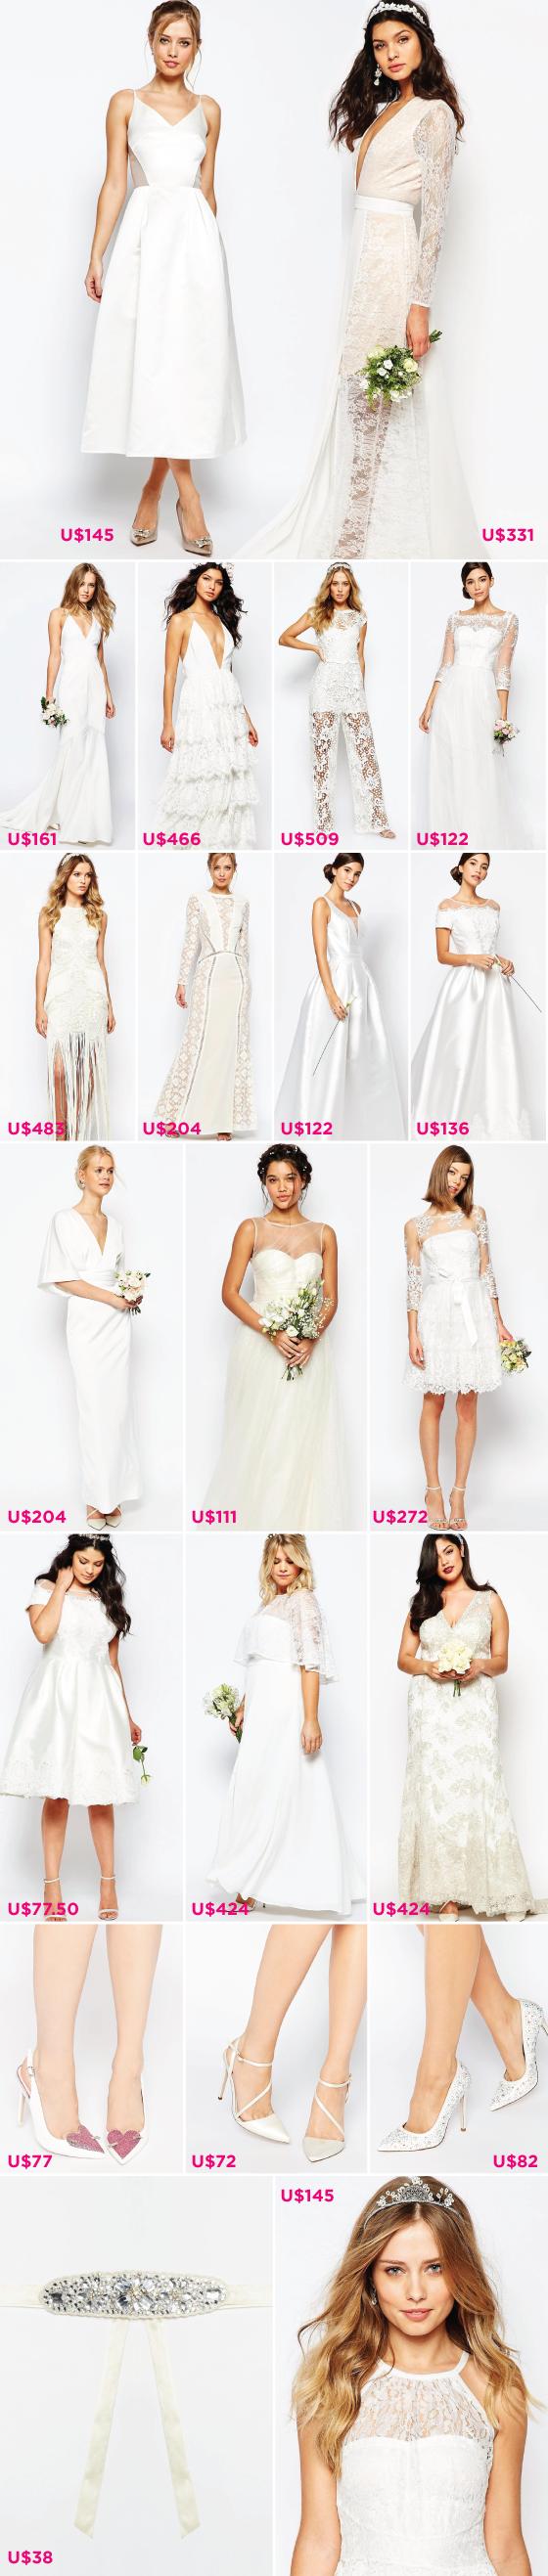 asos-colecao-bridal-noiva-casamento-vestido-site-online-barato